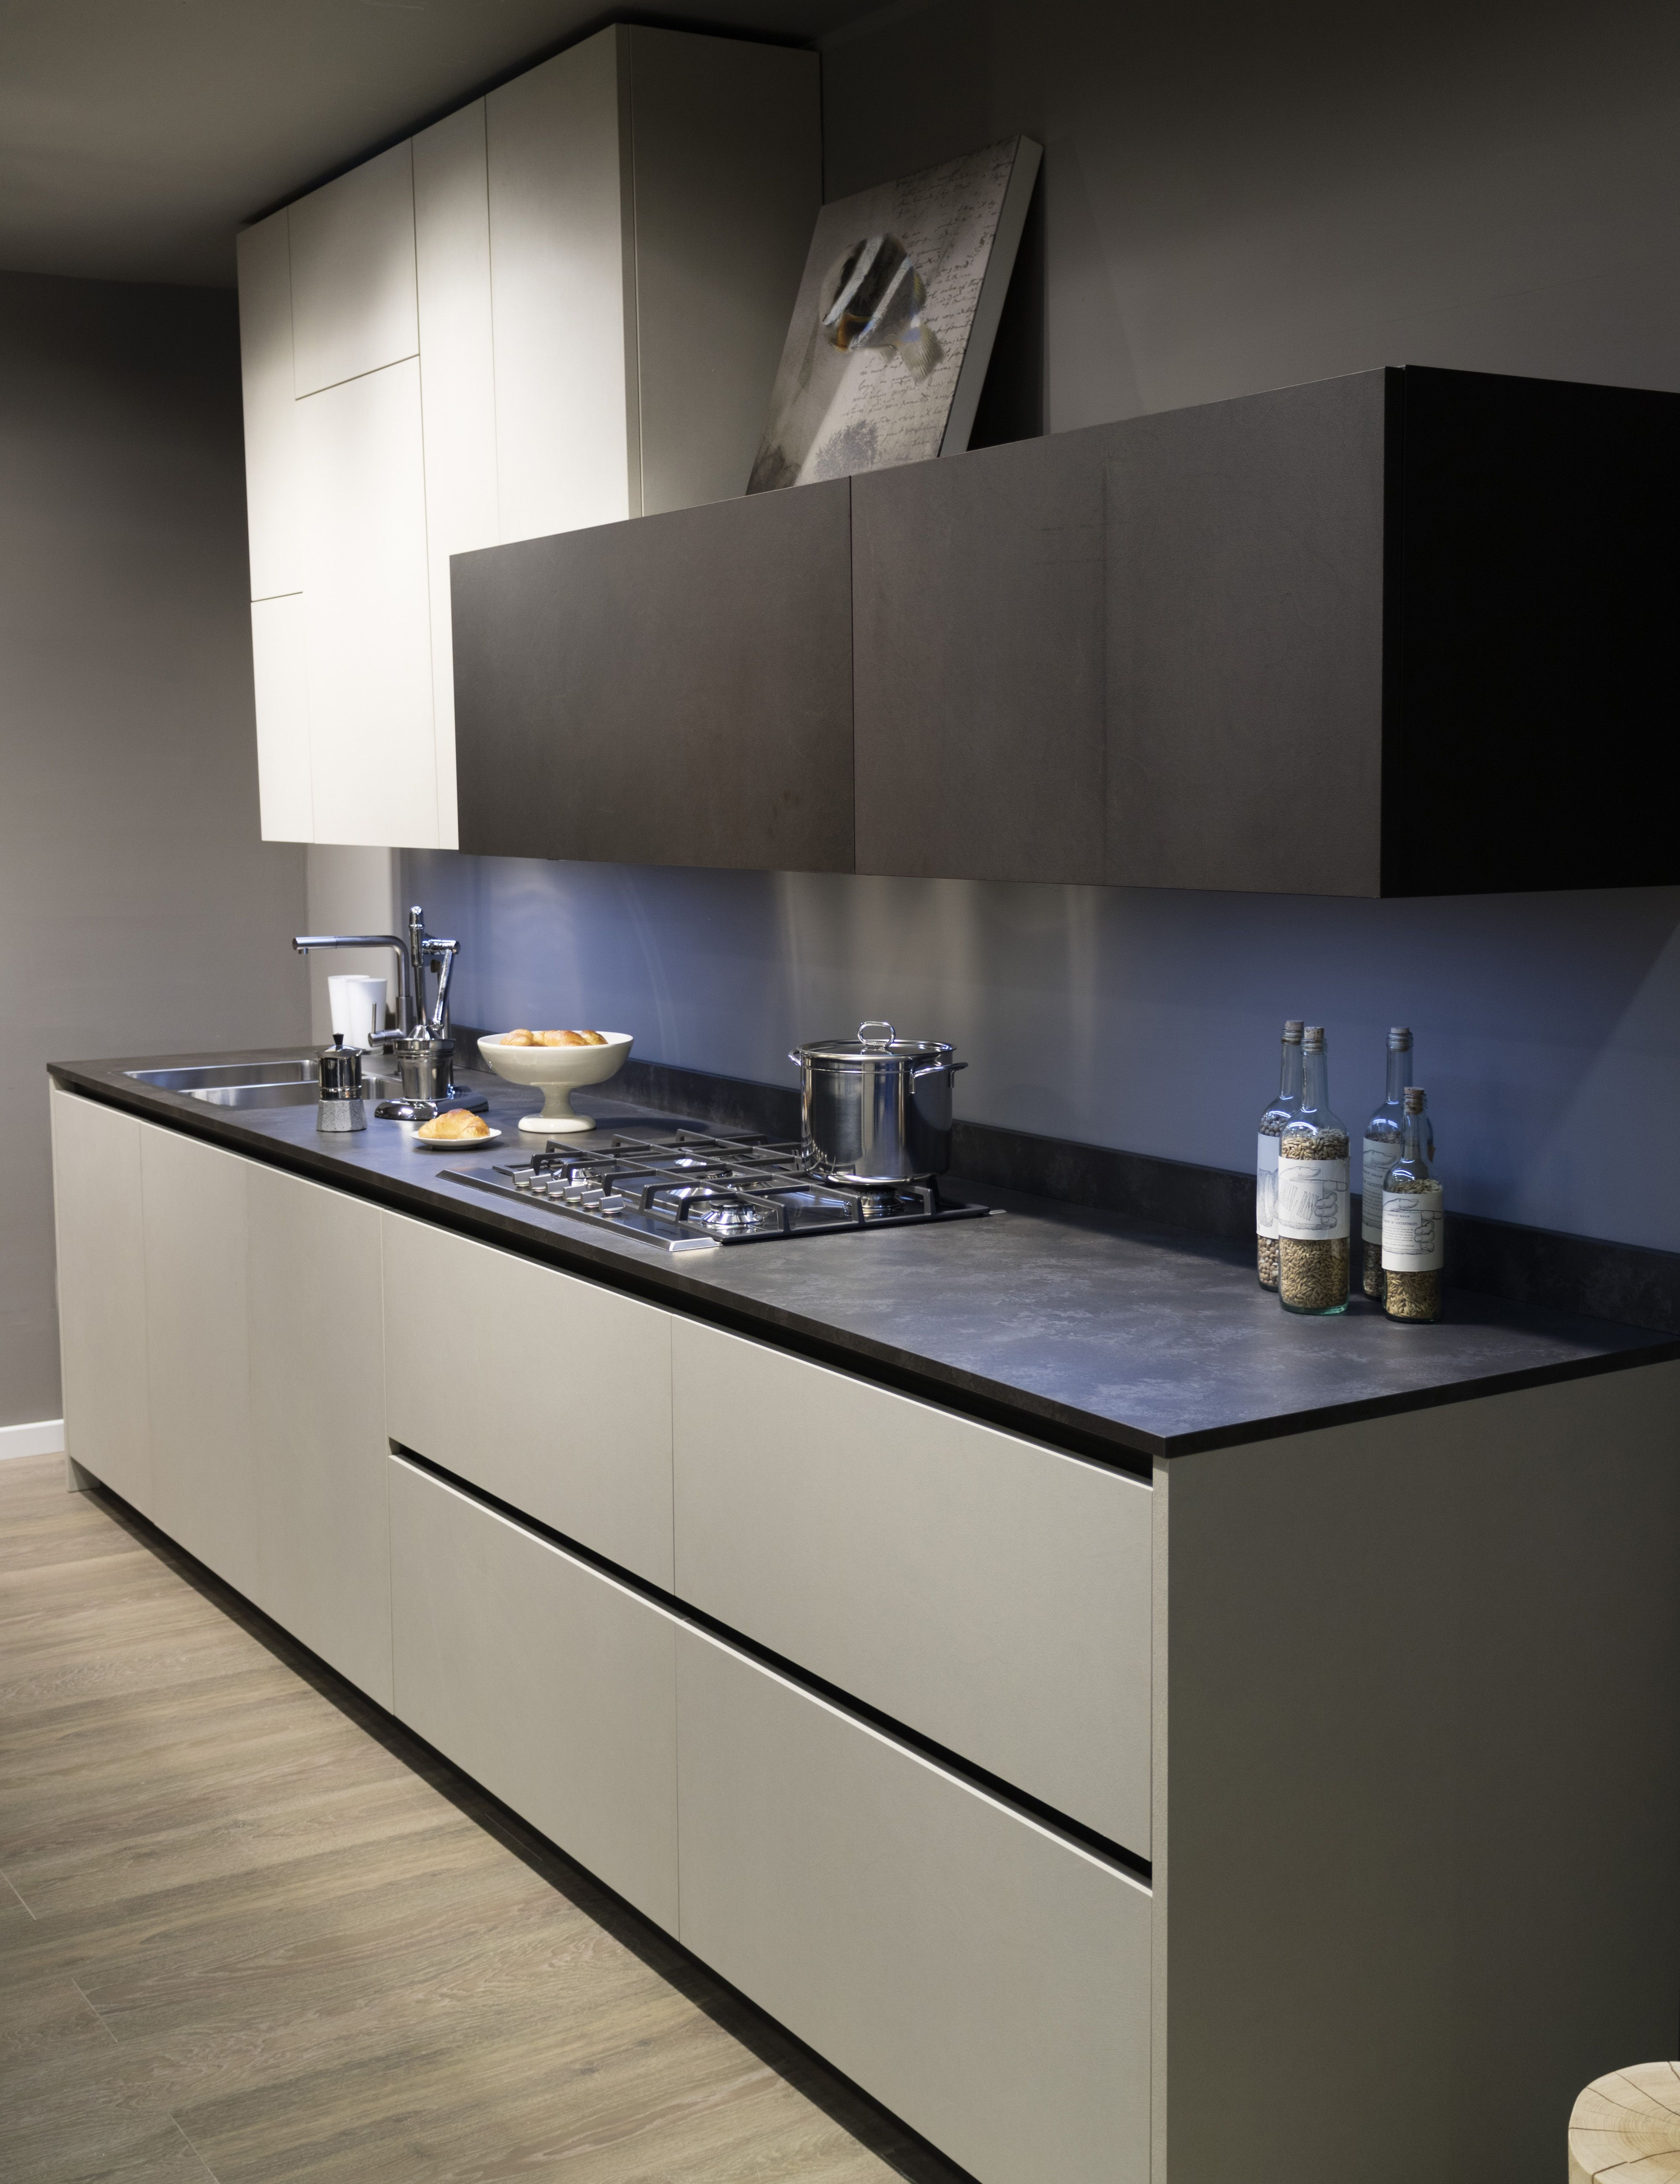 Cucina design moderno arredamento isola italiana - Piastrelle design moderno ...